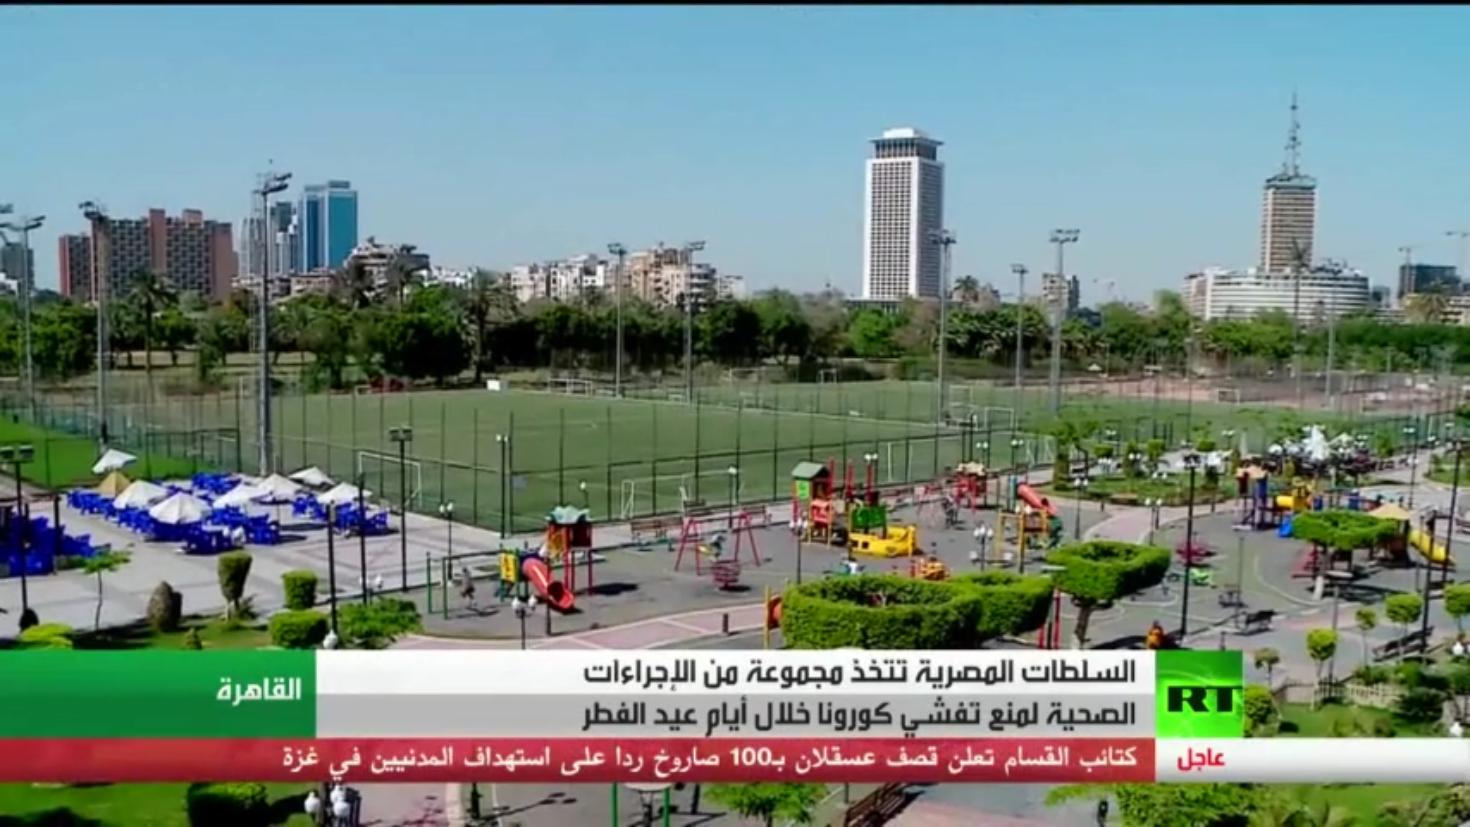 القاهرة.. إجراءات احترازية مع حلول عيد الفطر